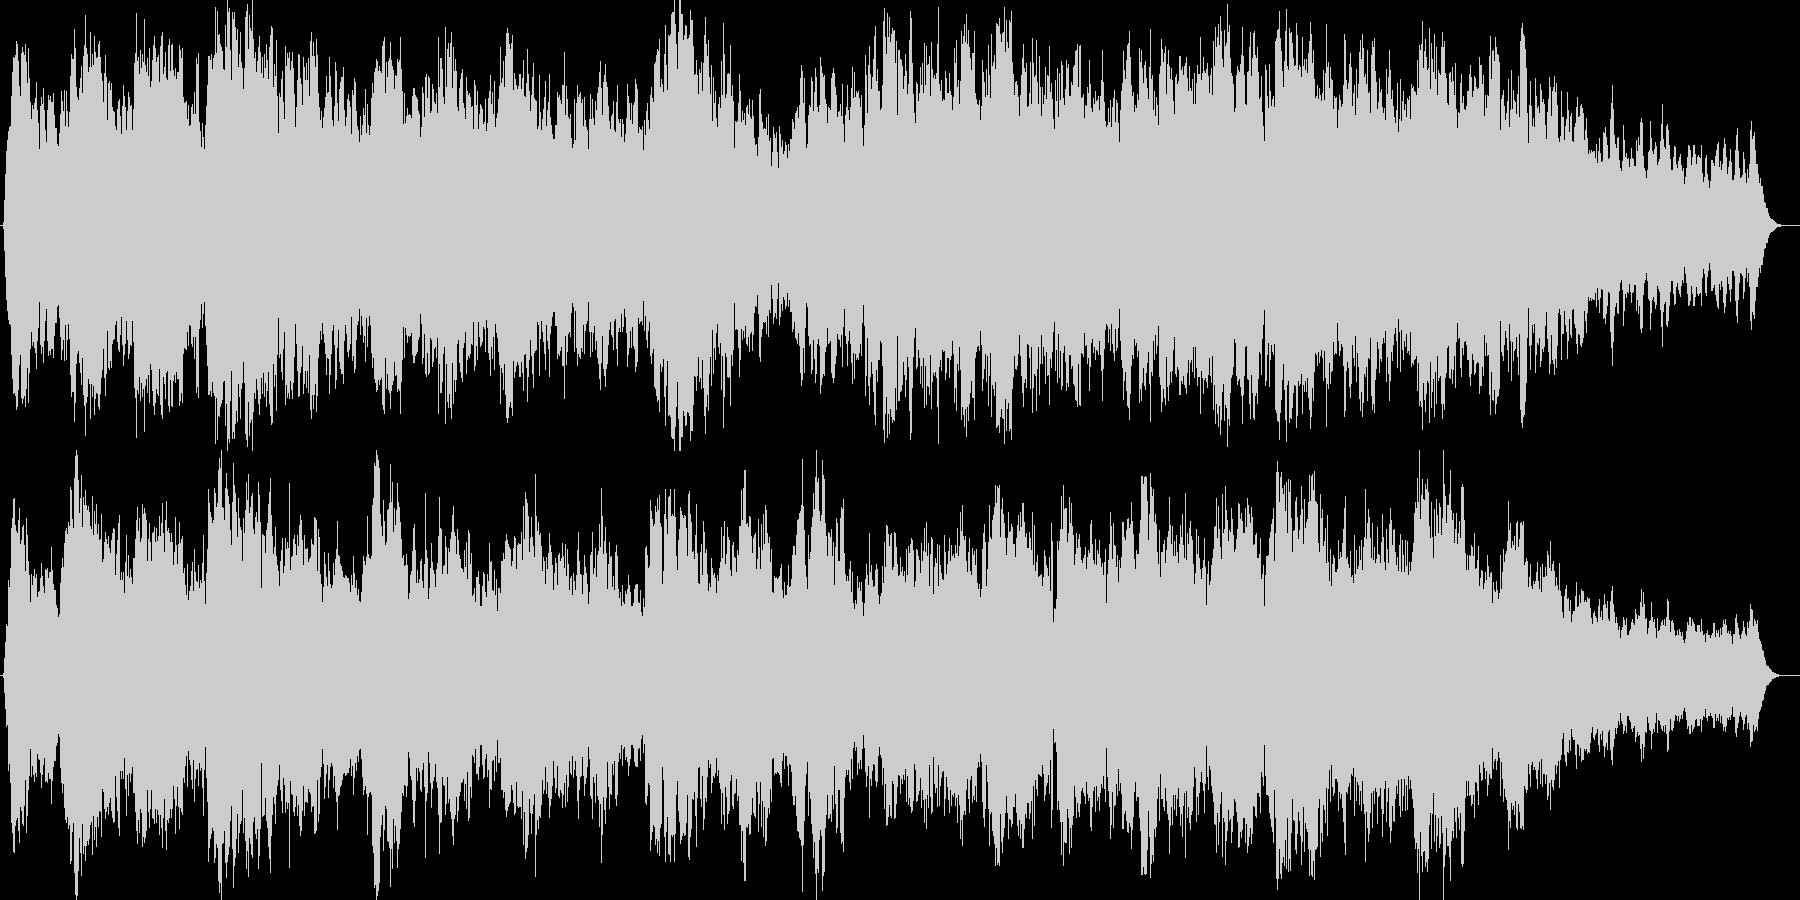 神秘的なヒーリングのシンセサイザー楽曲の未再生の波形